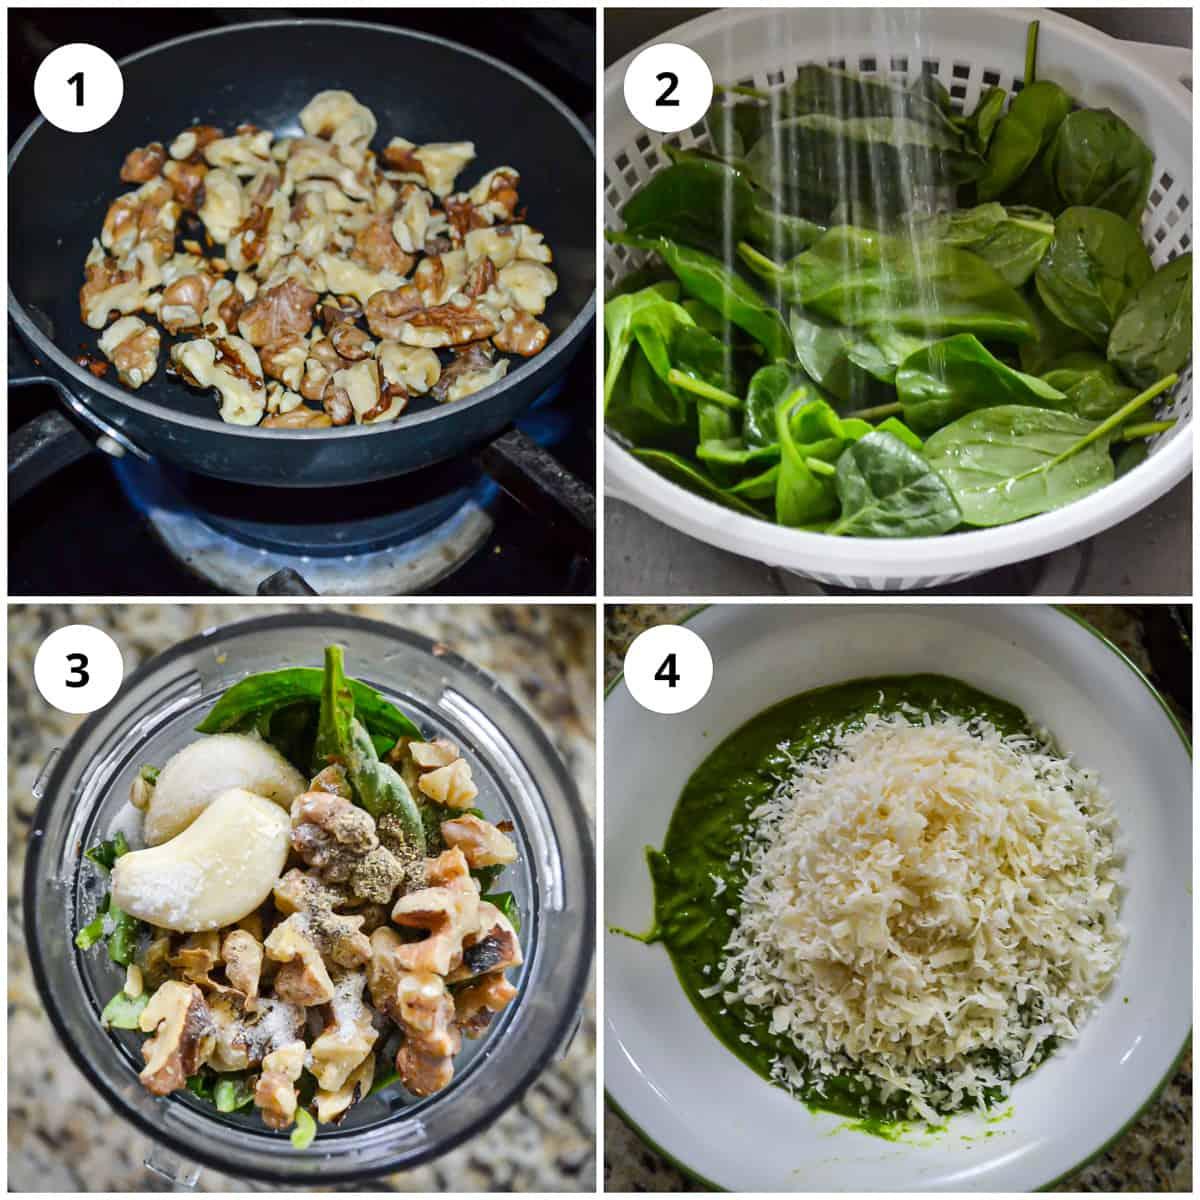 Four hotos to show how to make the pesto